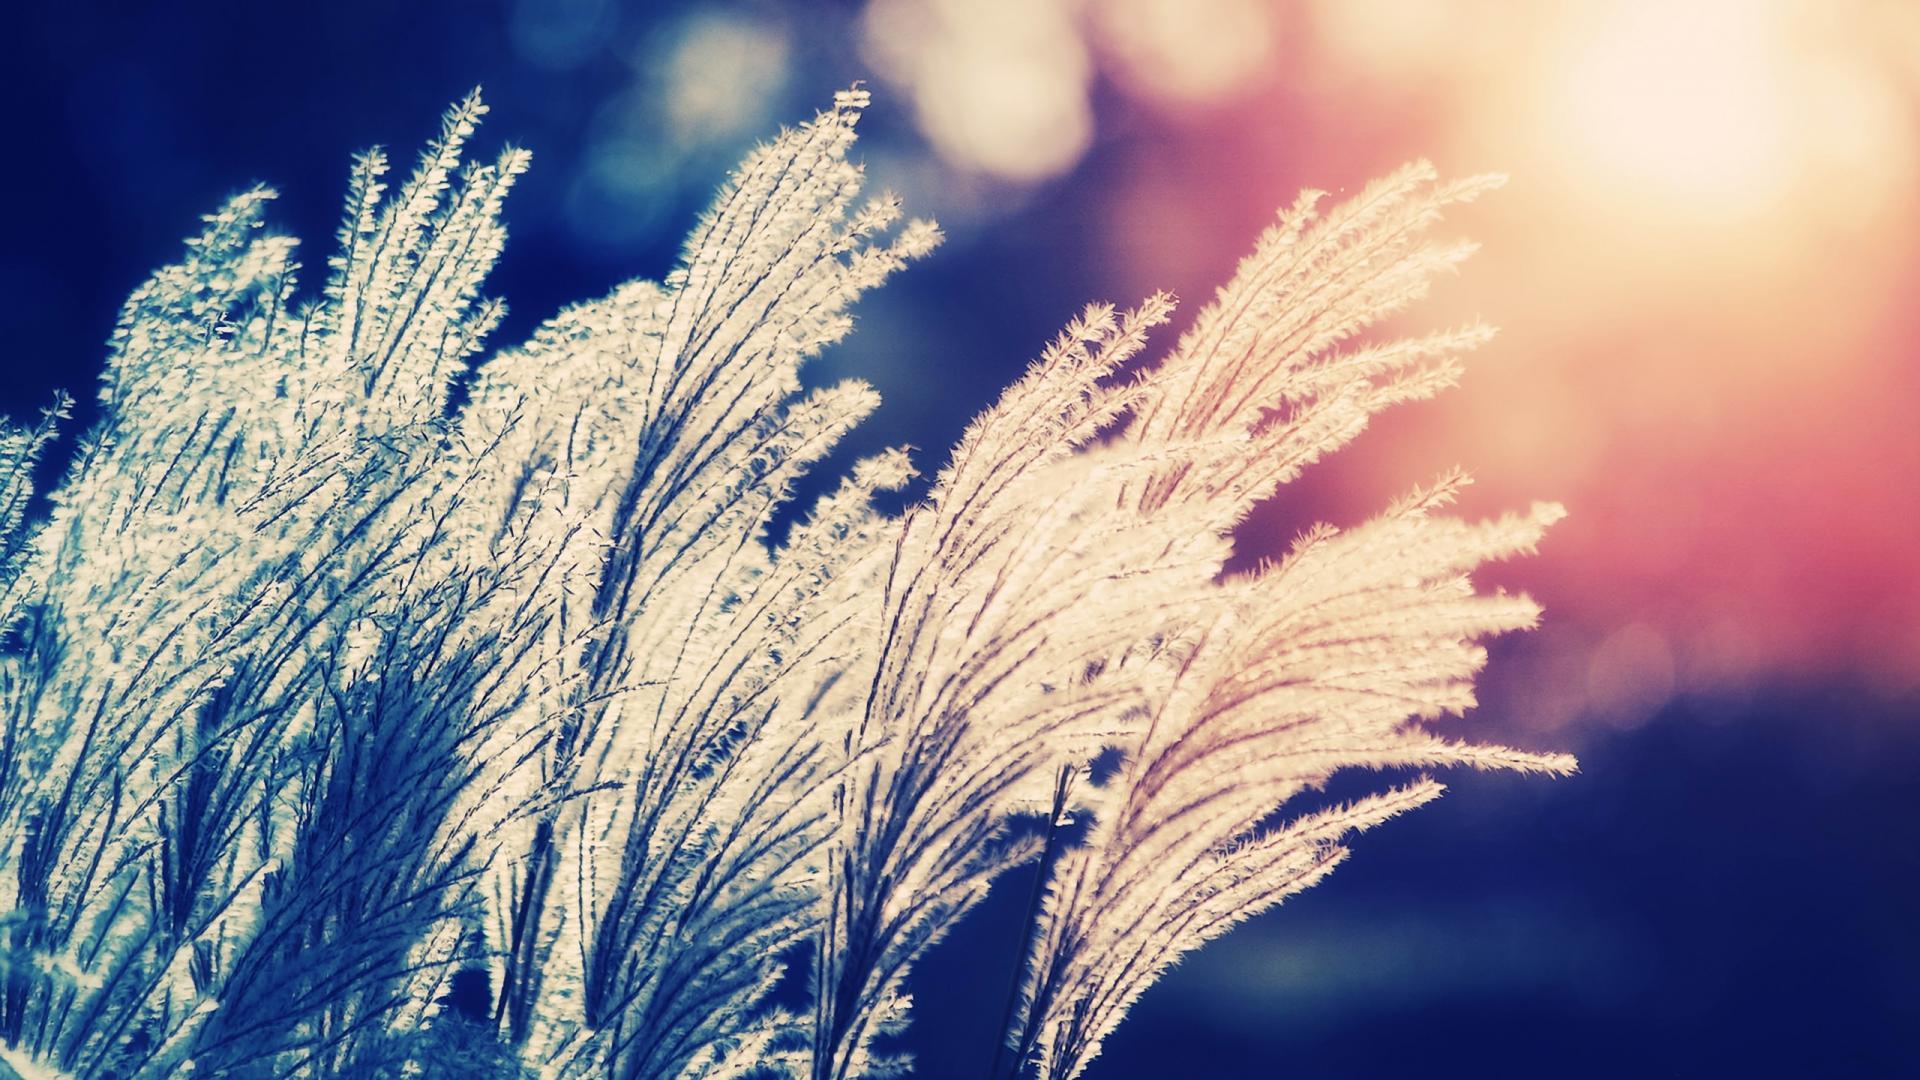 Nature bokeh sunlight depth of field reeds wallpaper